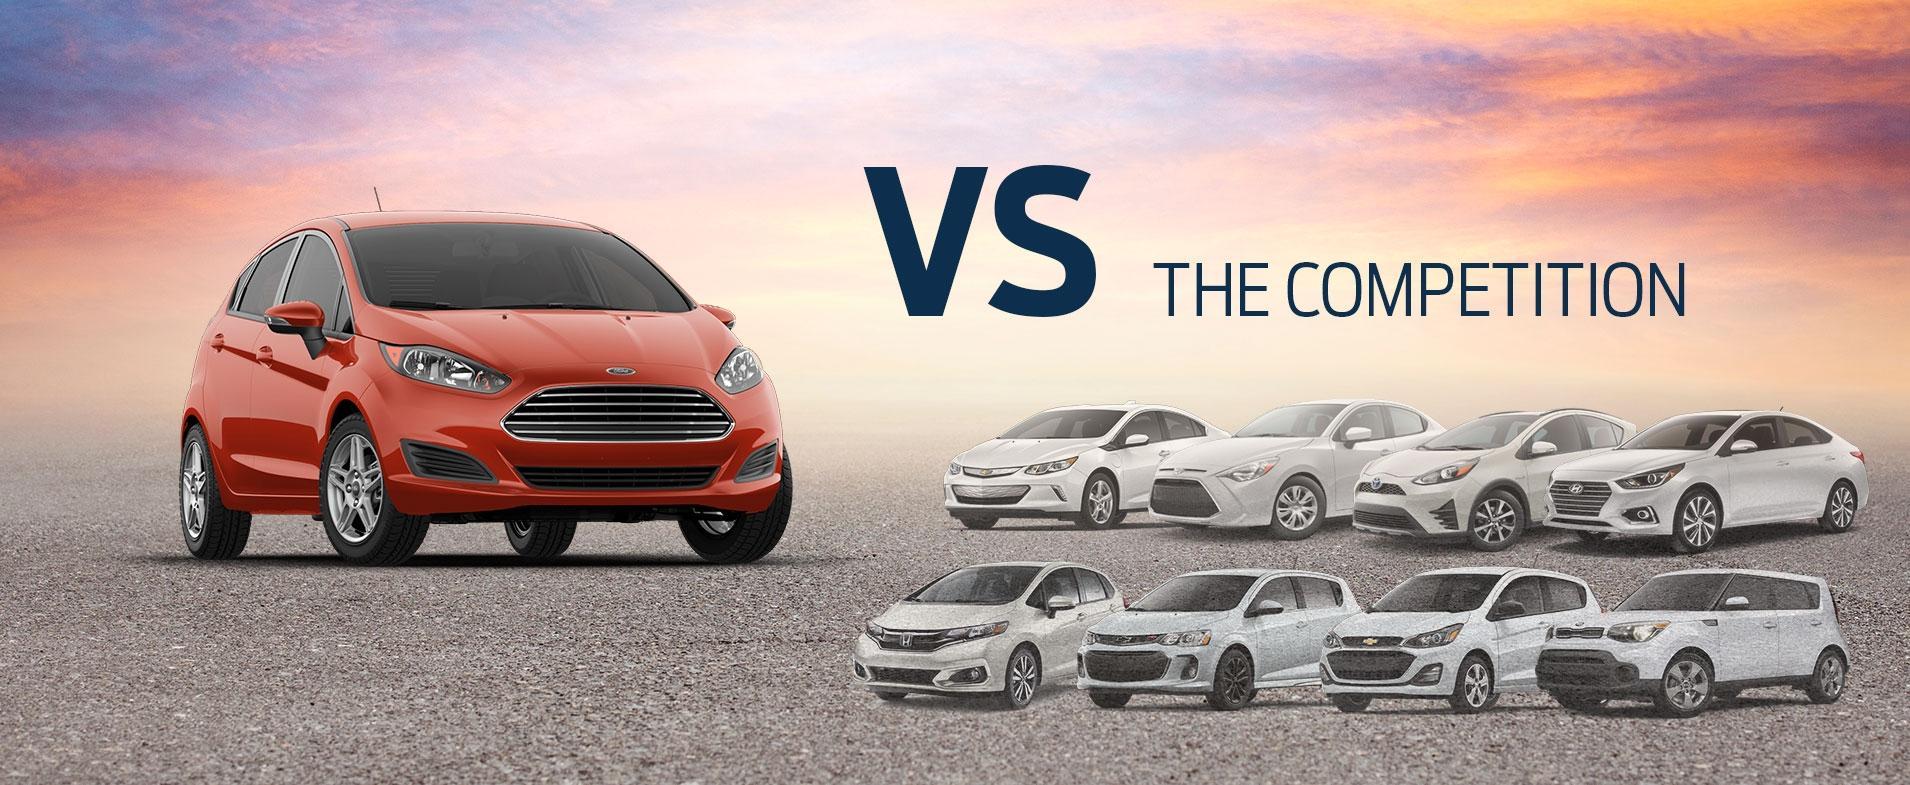 Fiesta vs Competition